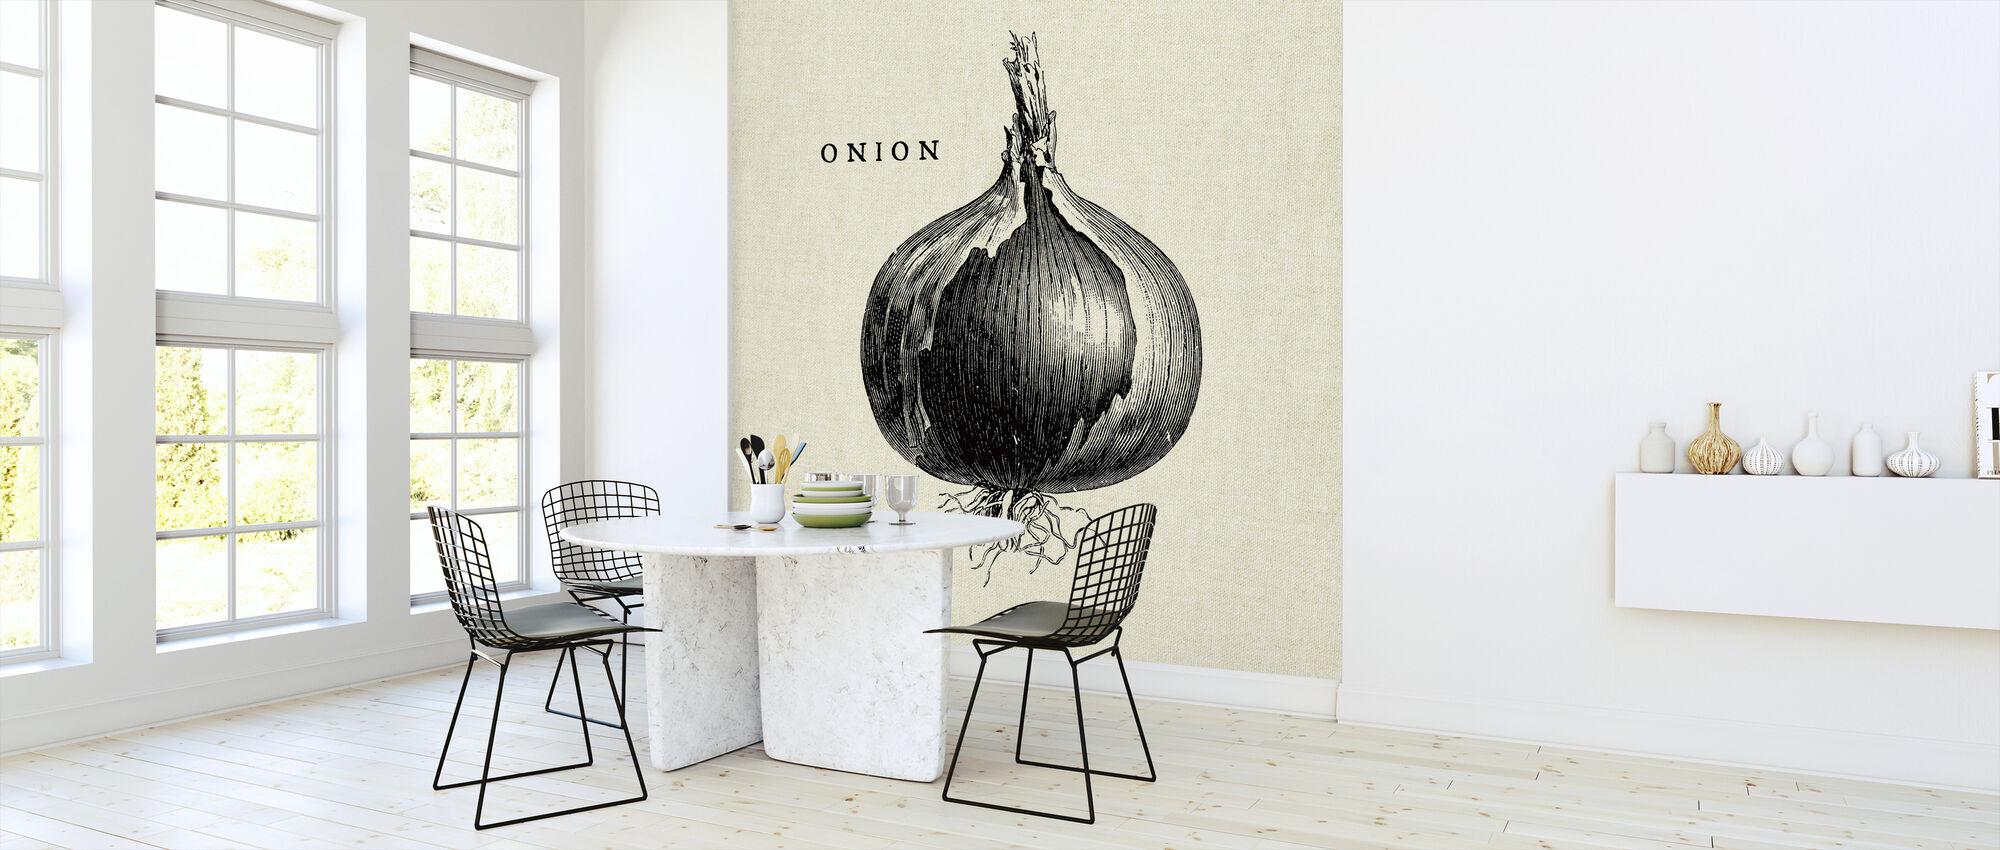 Illustration de cuisine - Oignon - Papier peint - Cuisine